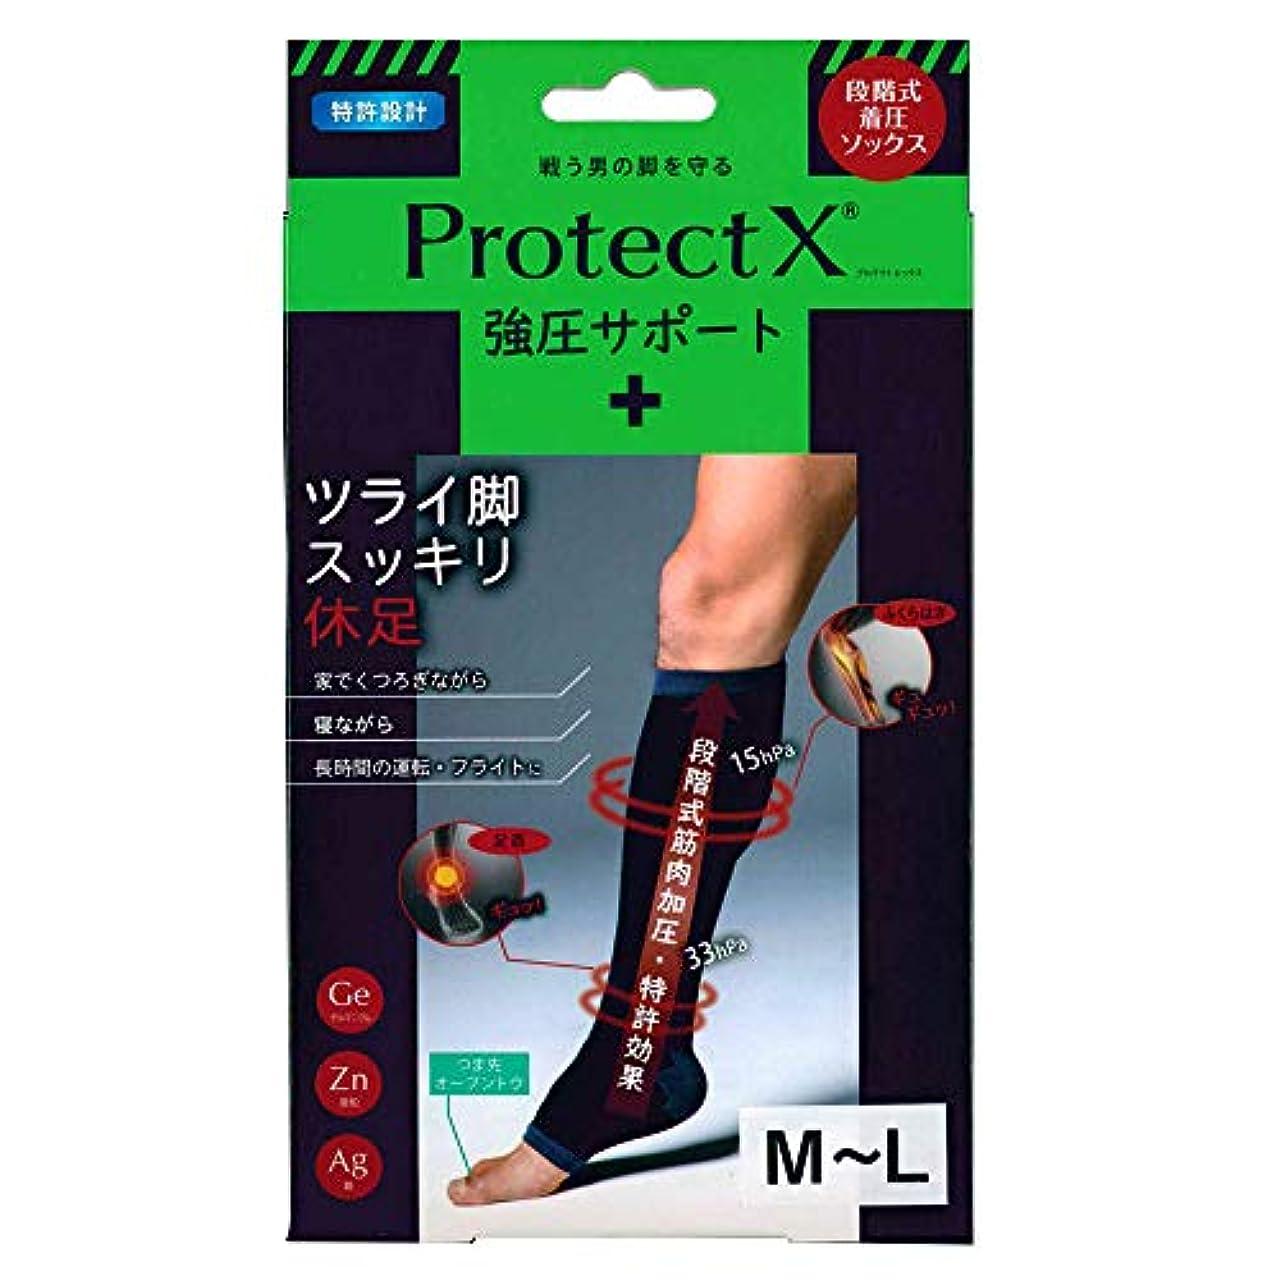 休暇テラス荒涼としたProtect X(プロテクトエックス) 強圧サポート オープントゥ着圧ソックス 膝下 (膝下M-L)